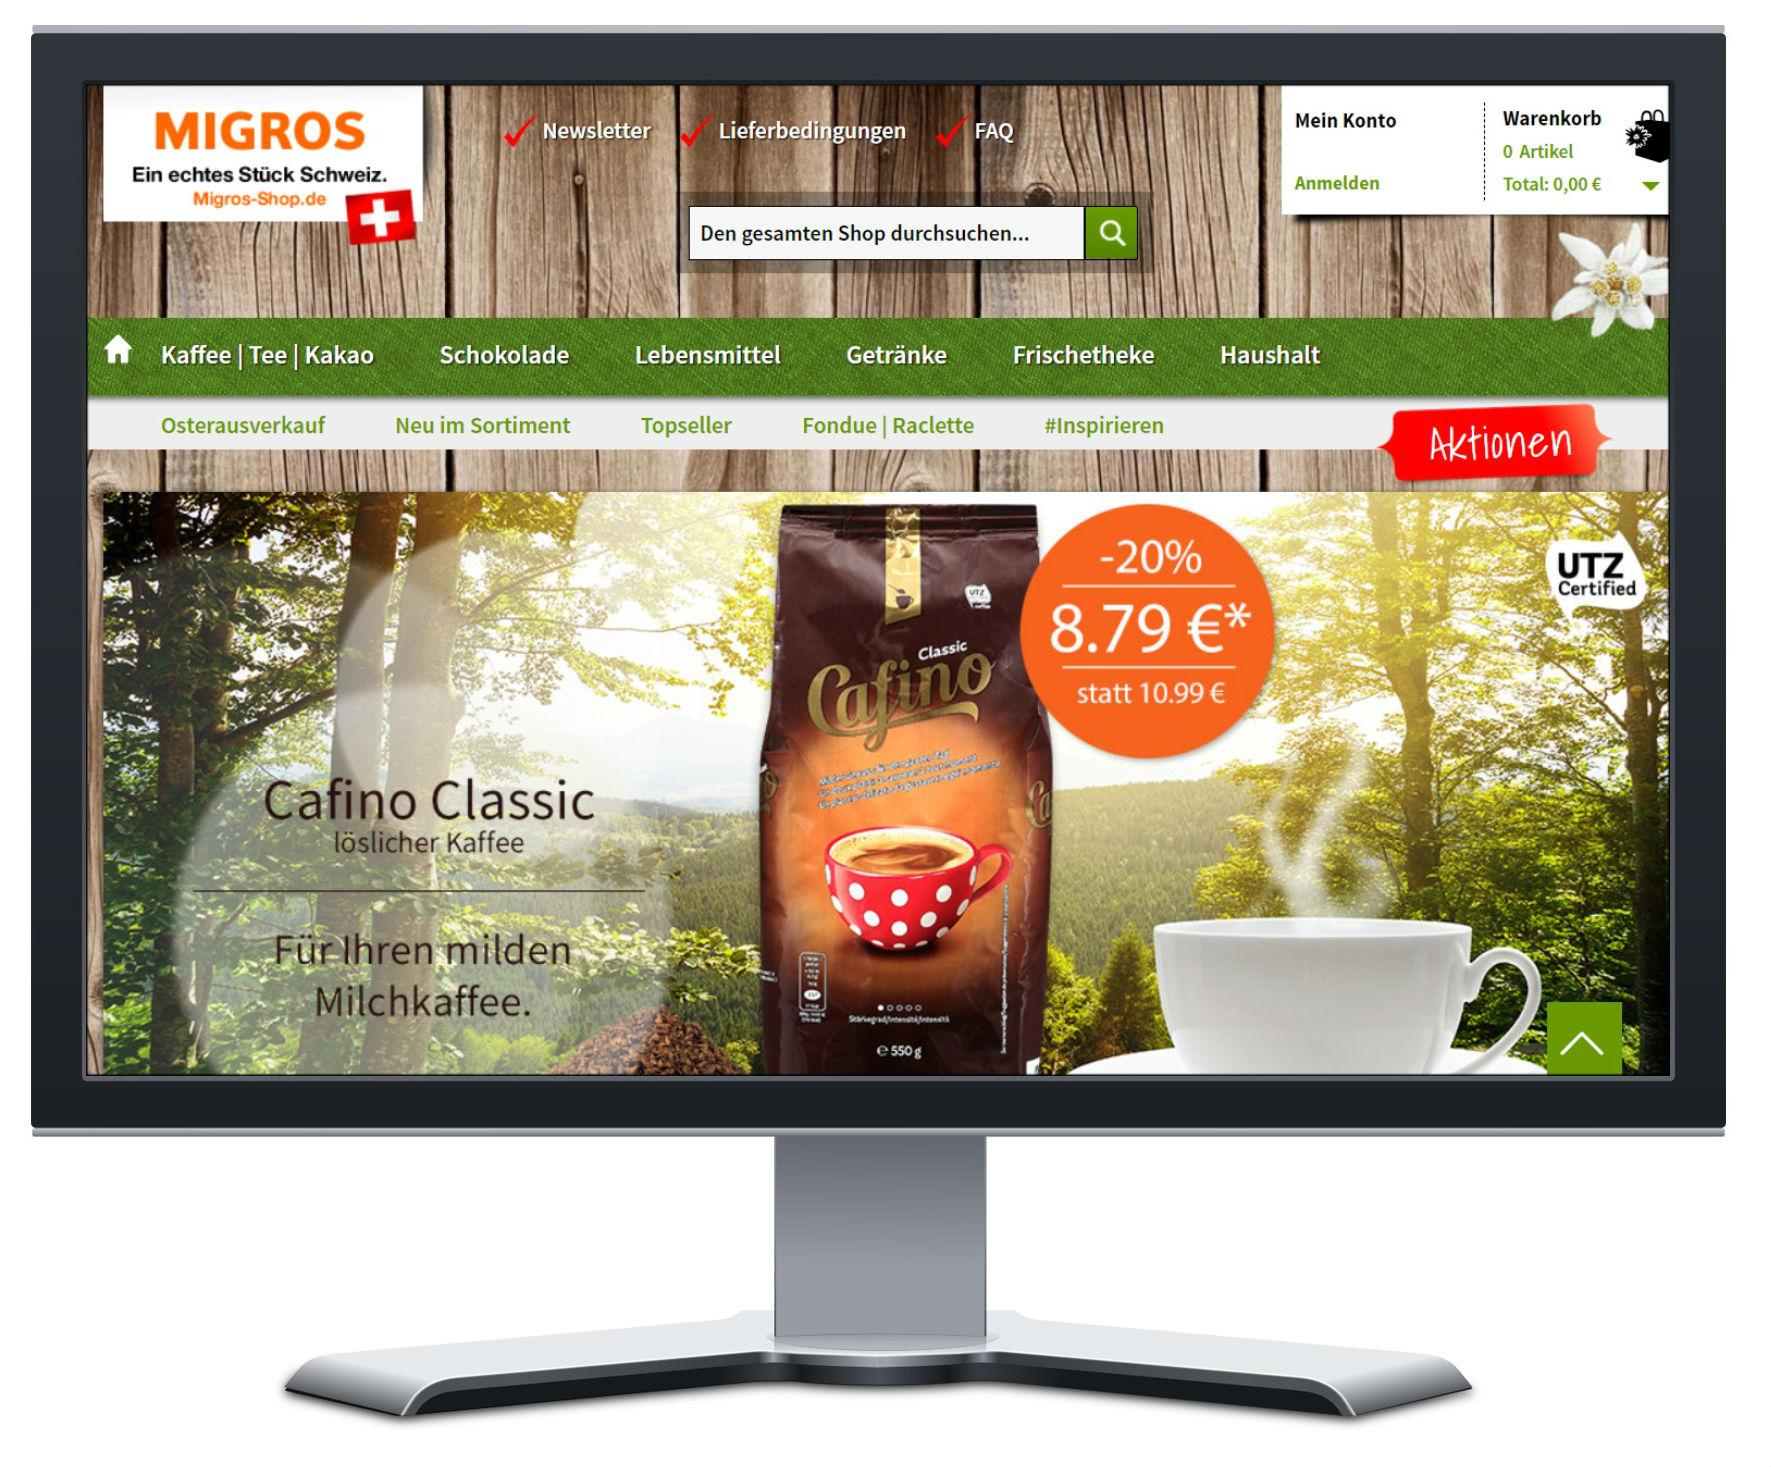 Migros-Shop Mockup